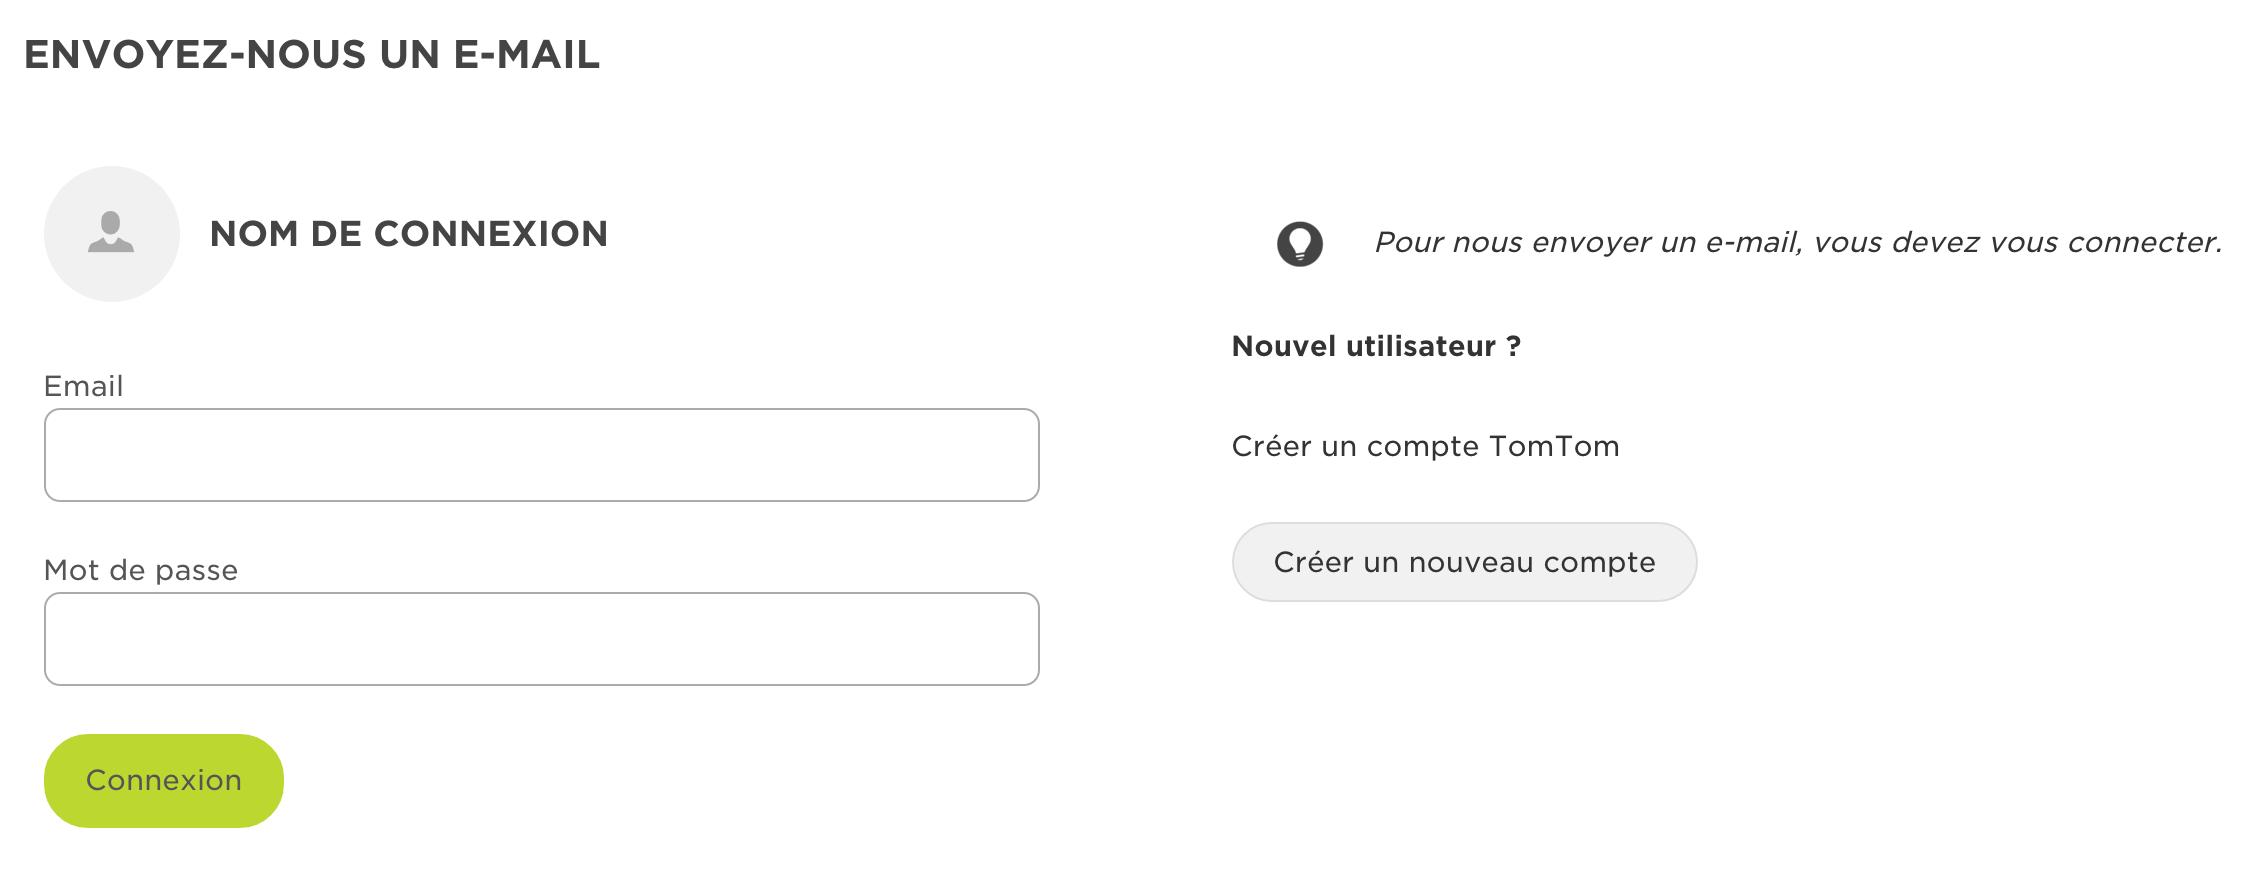 Aperçu de l'interface de connexion du support Tomtom